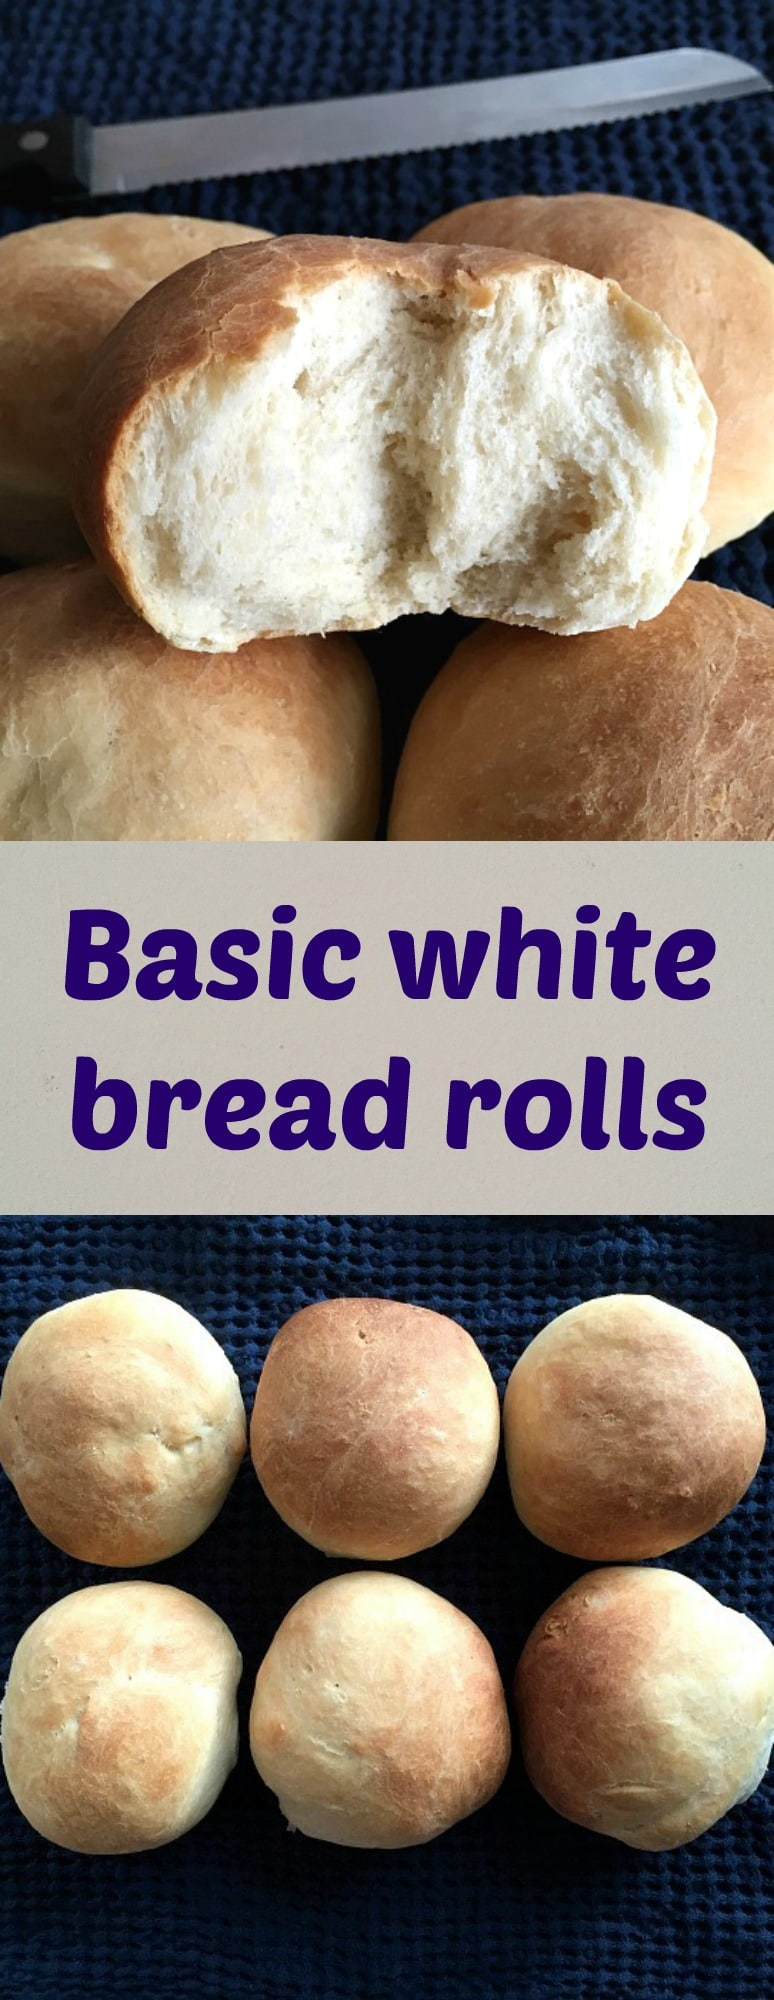 Basic white bread rolls